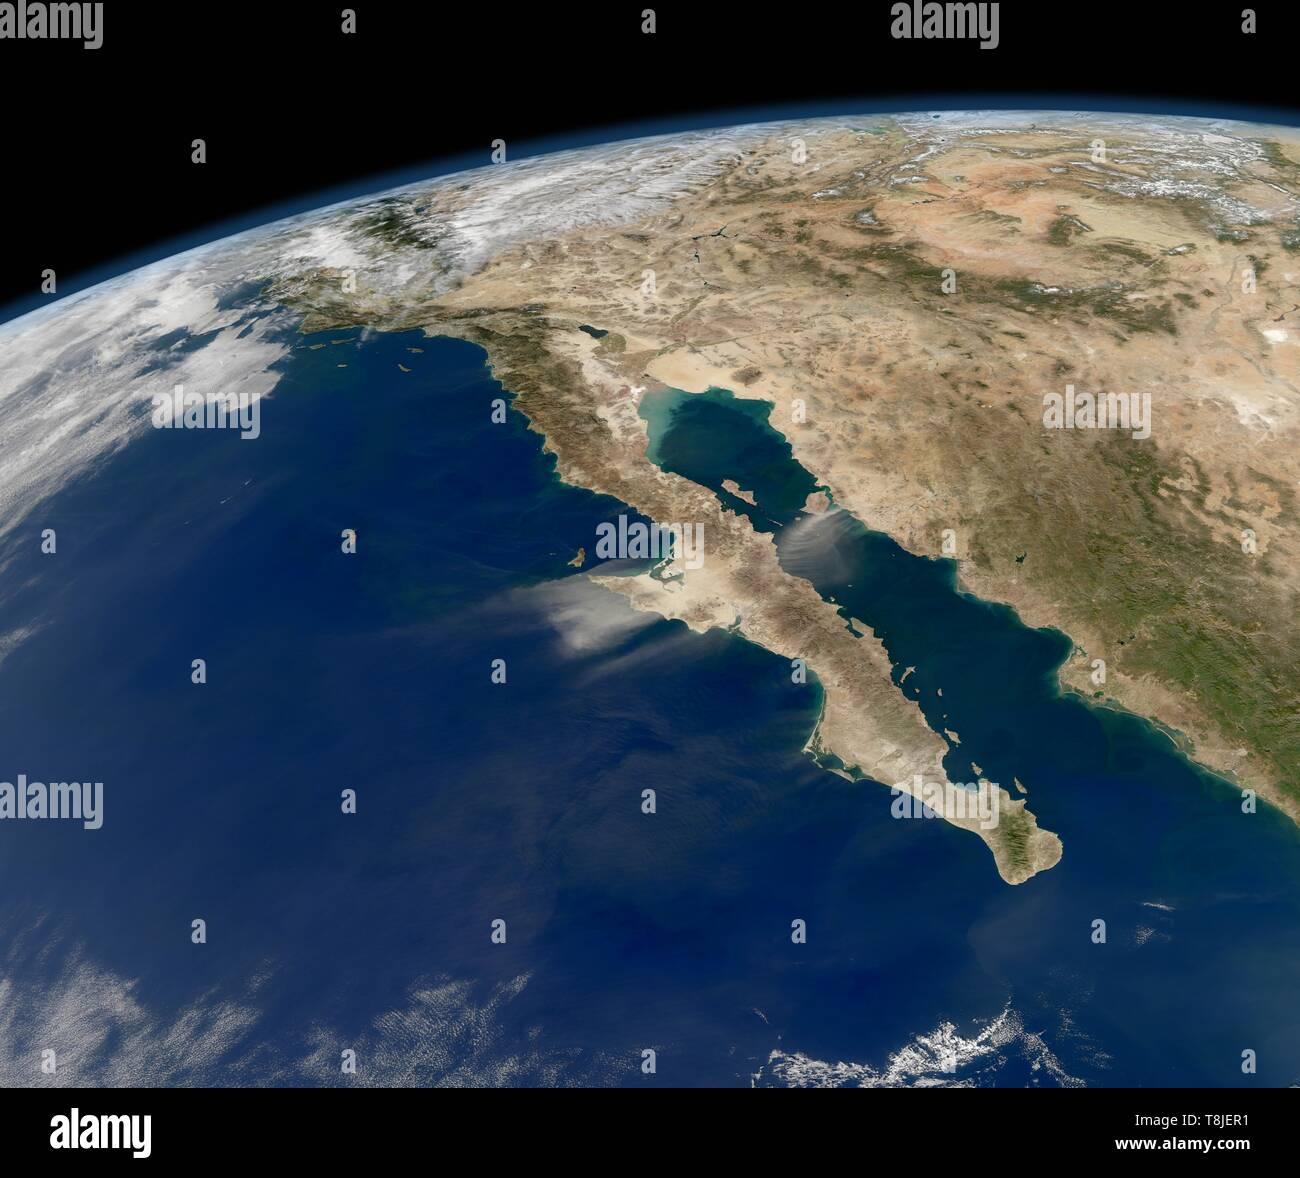 Nuages de poussière sort du Mexique à travers la Basse Californie vue par le spectromètre imageur à résolution moyenne (MODIS) sur le satellite Aqua de la NASA, le 27 novembre 2011. Droit avec la permission de la National Aeronautics and Space Administration (NASA). () Banque D'Images